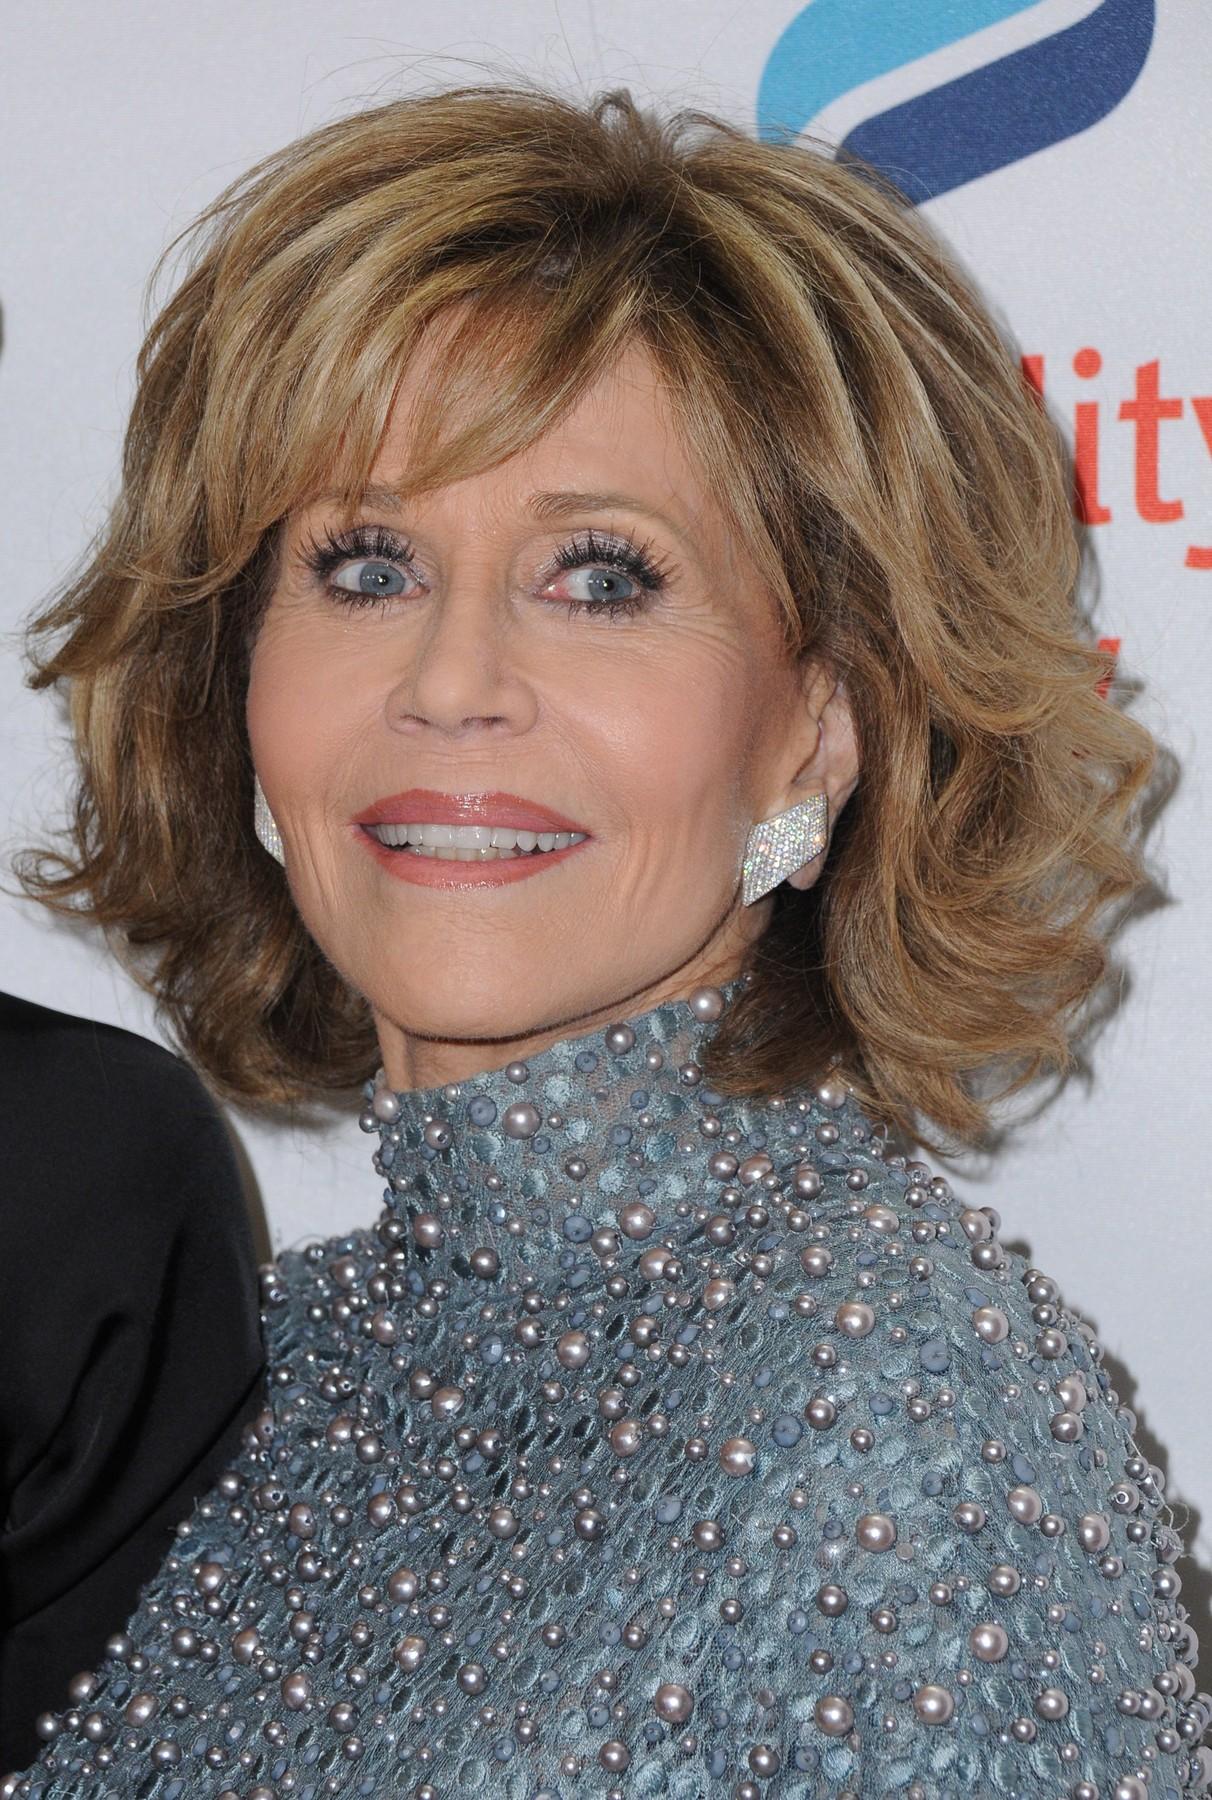 Sinonim-za-lepoto-tudi-na-pragu-devetega-desetletja-Jane-Fonda-razkriva-svoje-lepotne-skrivnosti-2